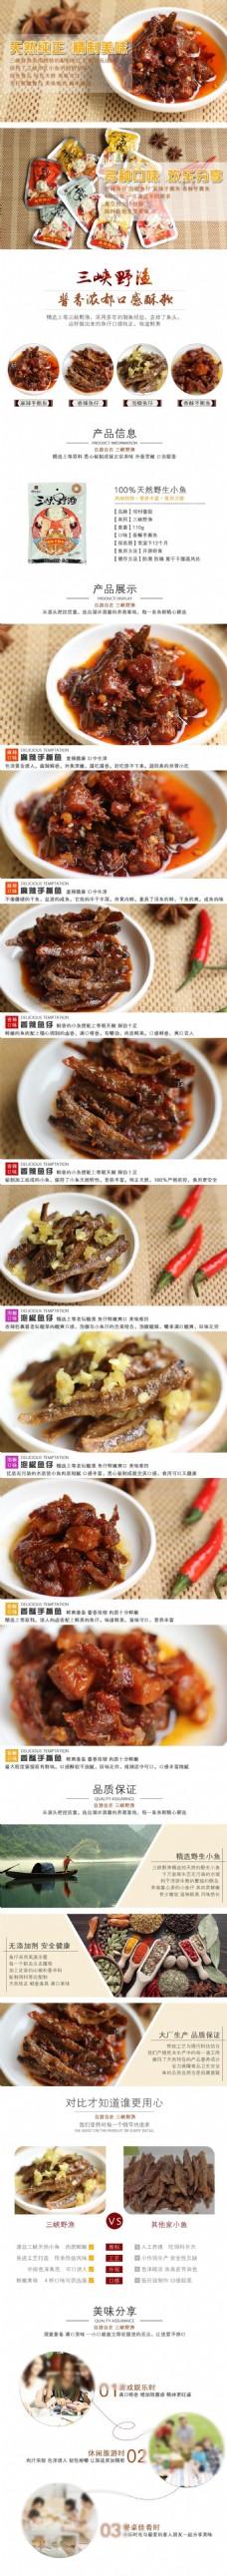 淘宝天猫食品三峡野渔详情页图片